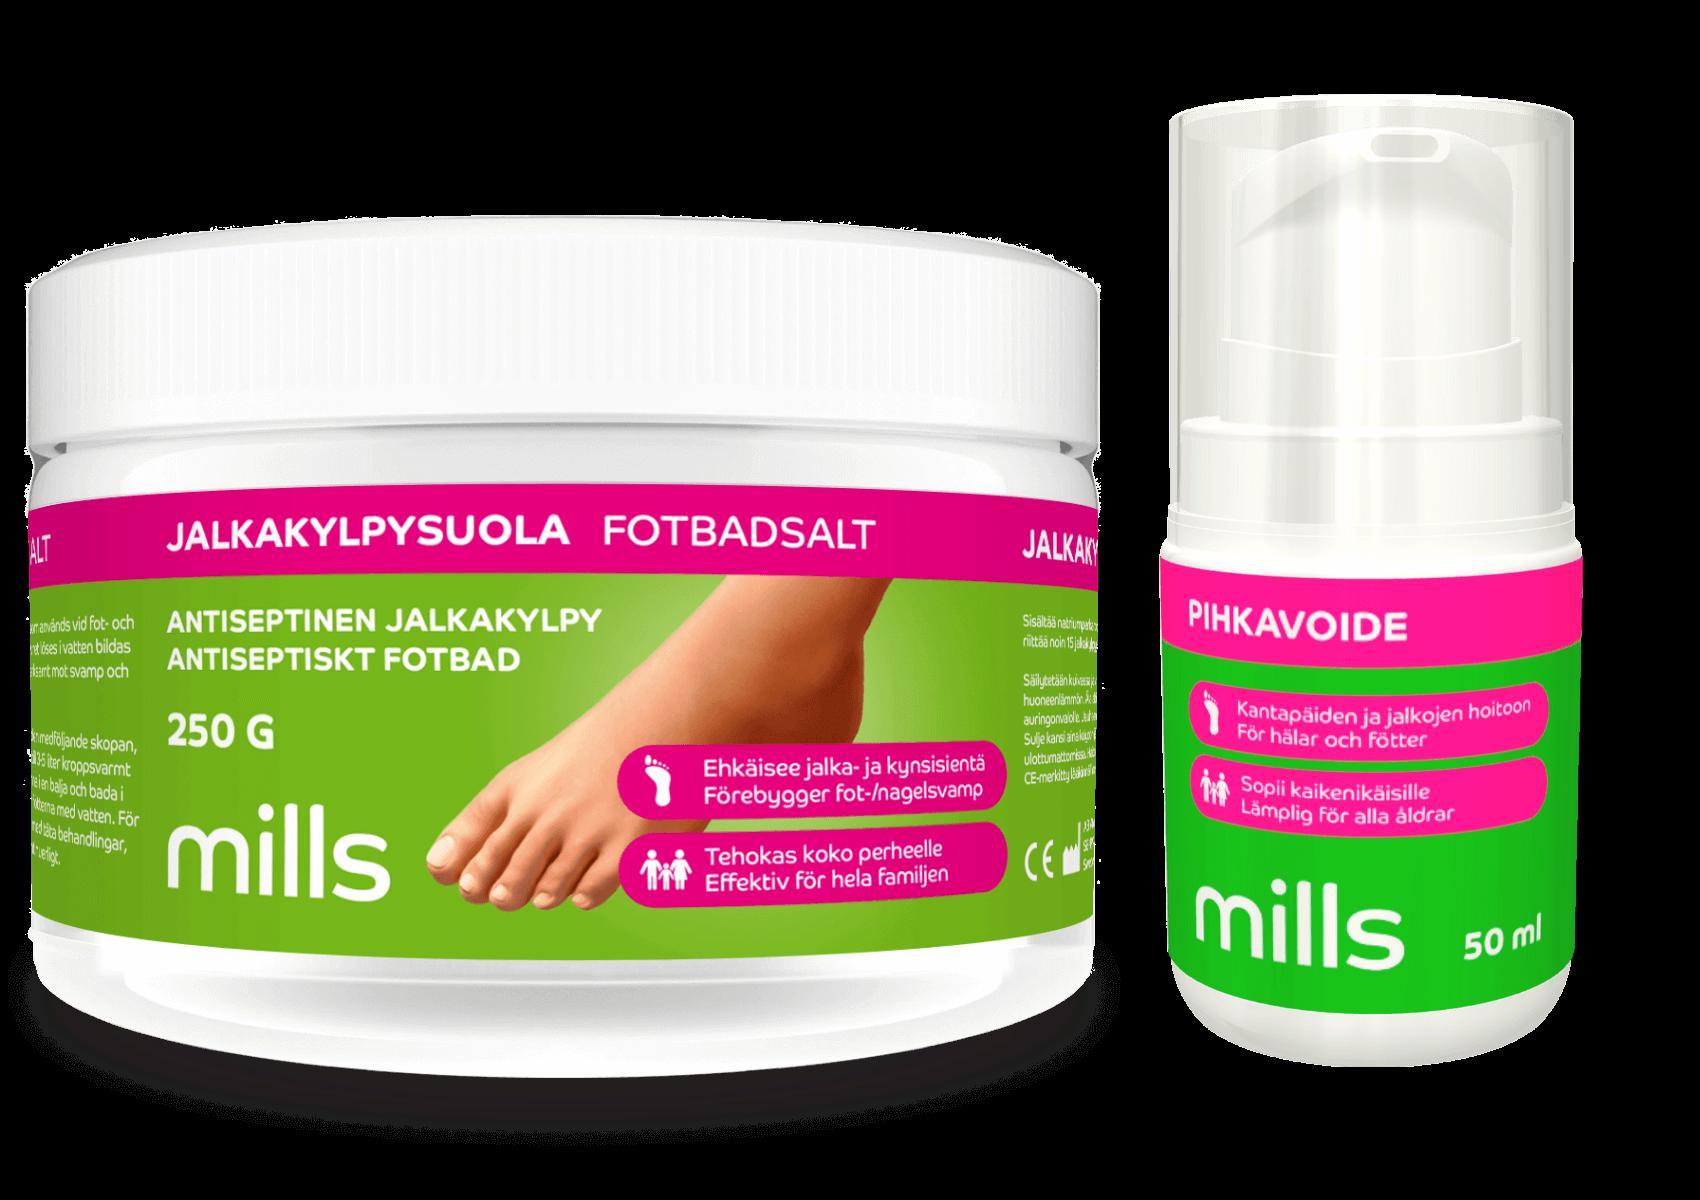 Mills jalkojenhoitotuotteet